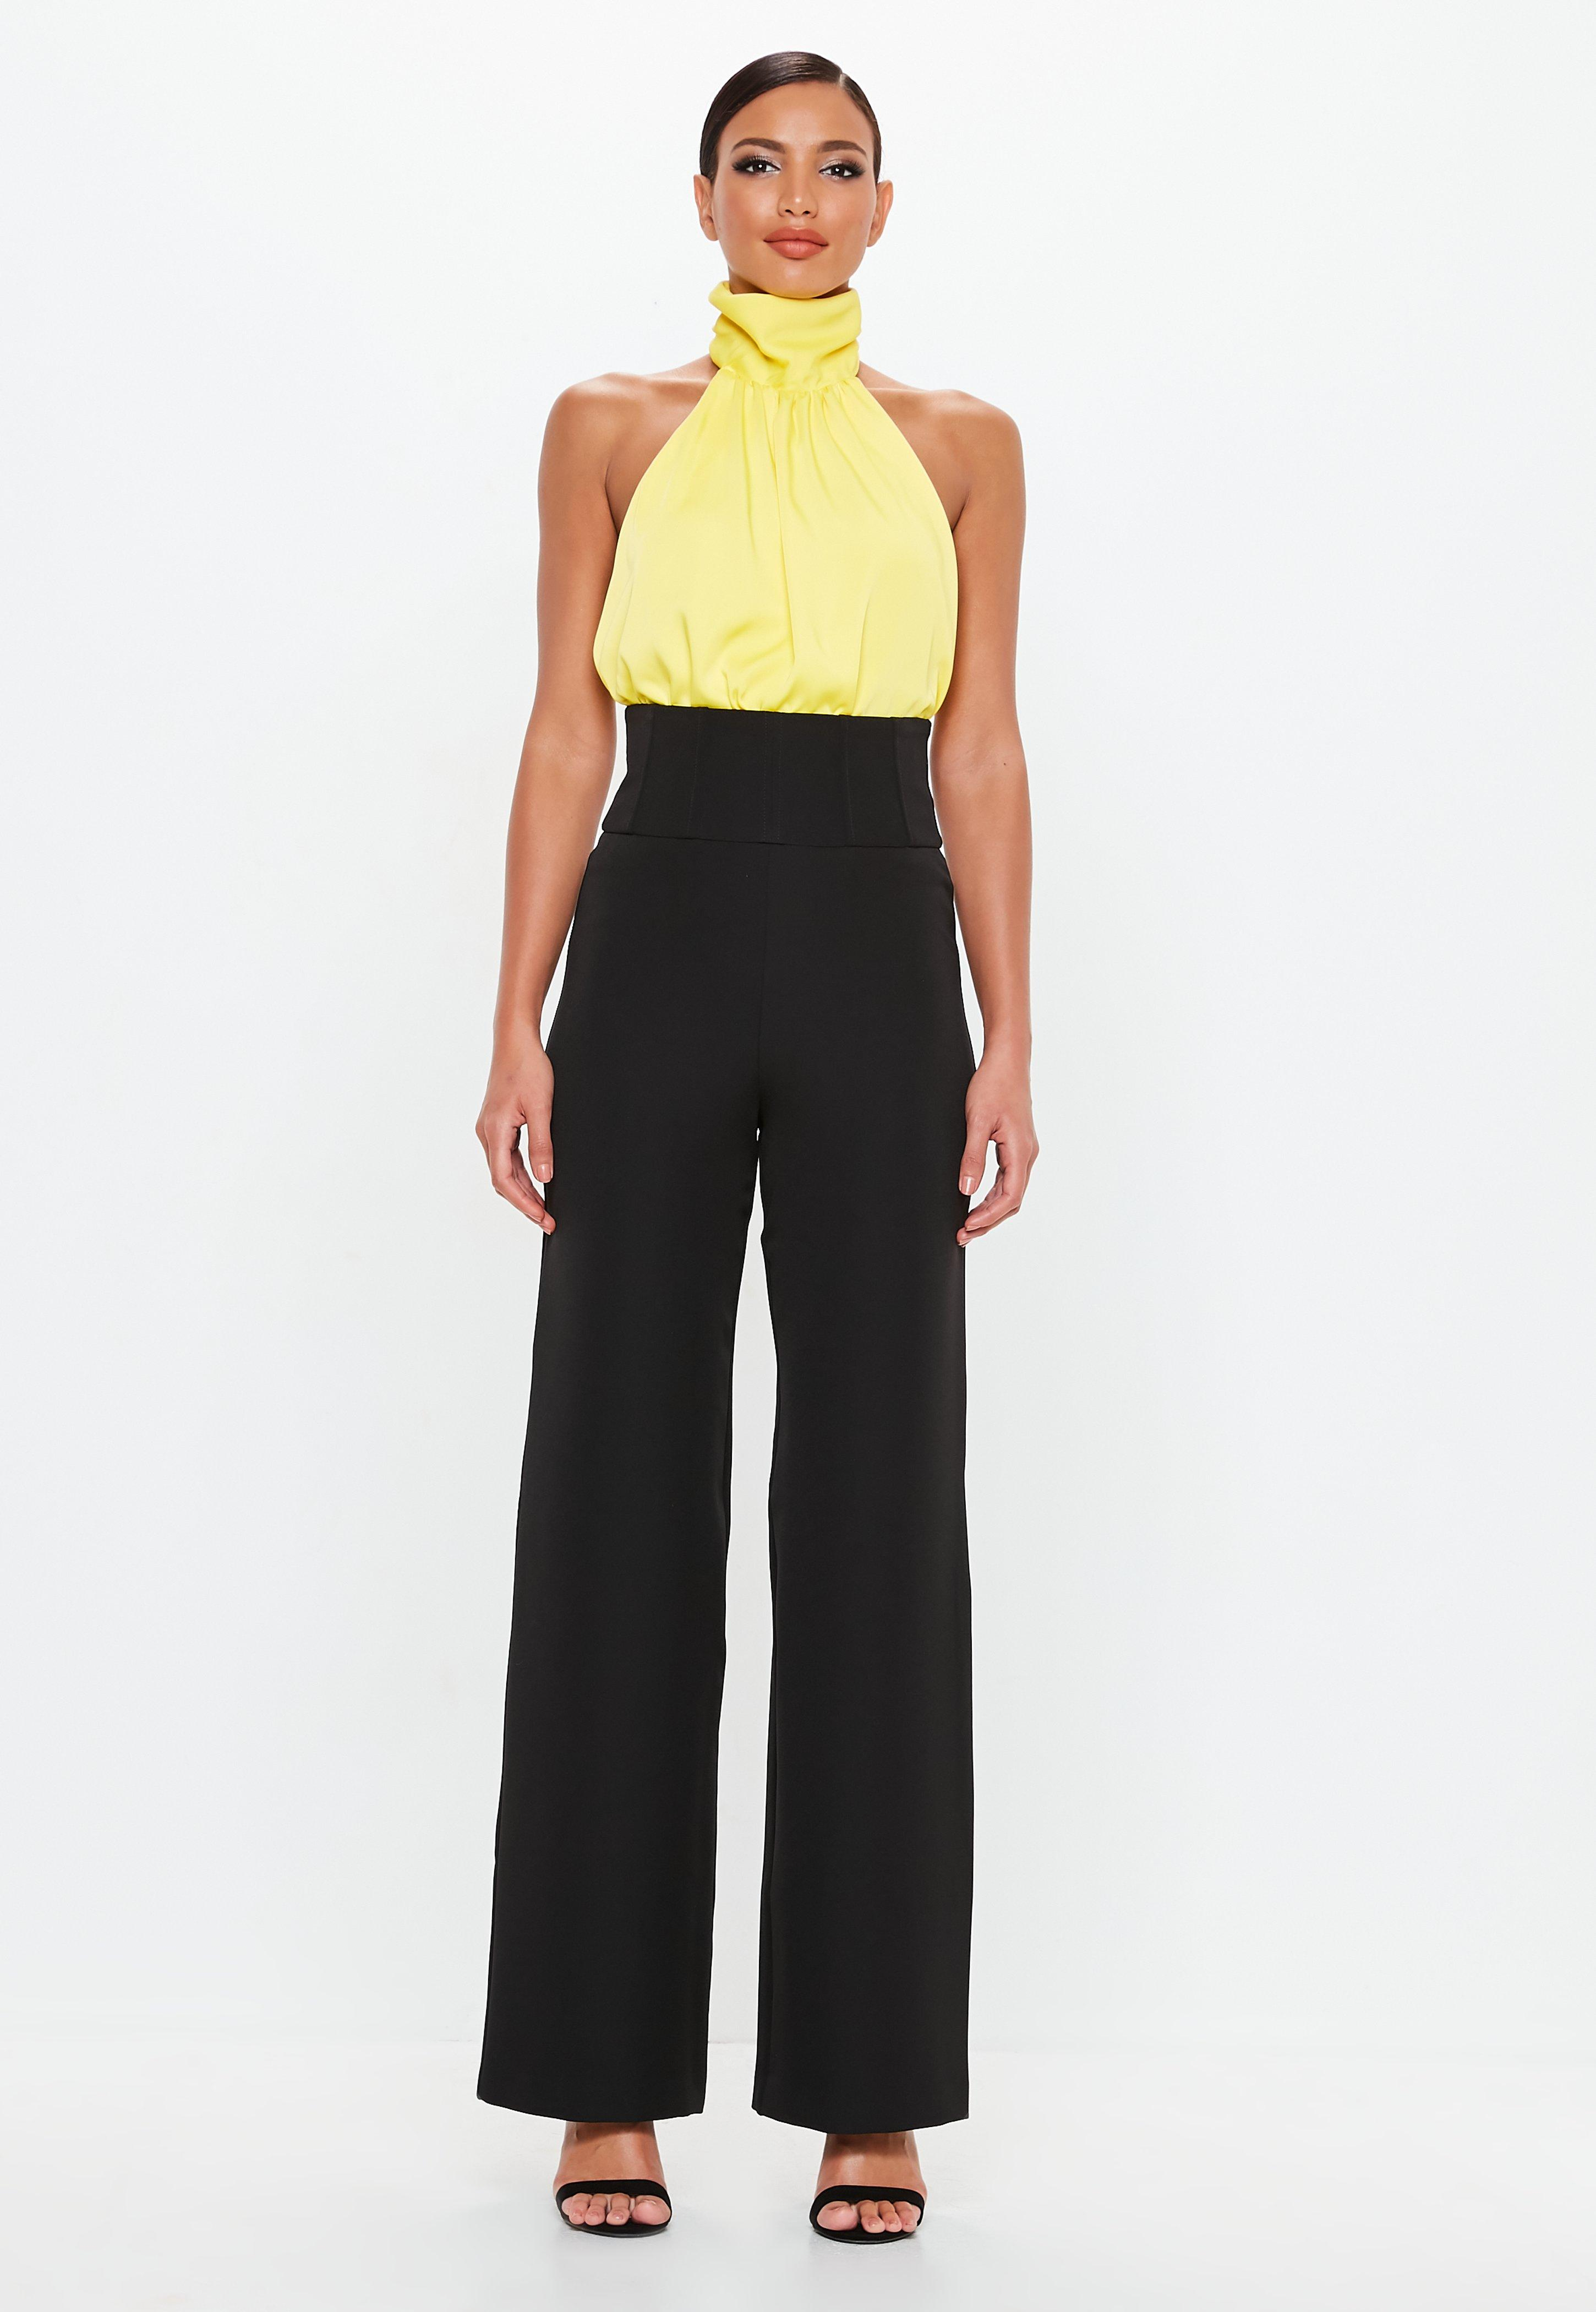 Pantalon large - Achat pantalon fluide pour femme - Missguided c5367b271ea8